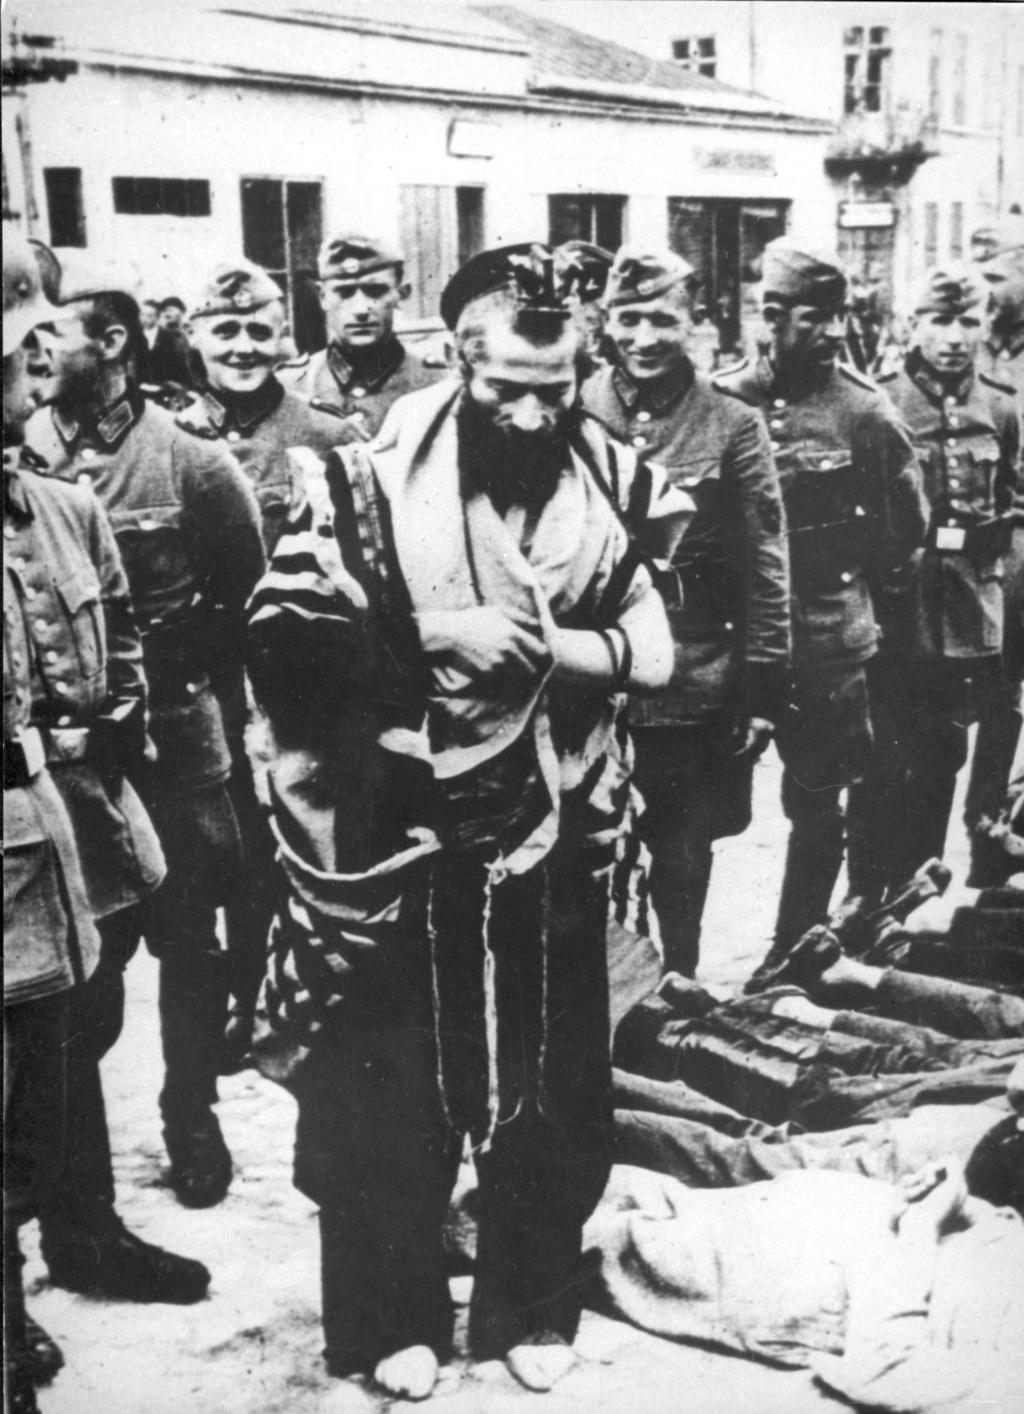 Diverses photos de la WWII (fichier 7) - Page 34 35826